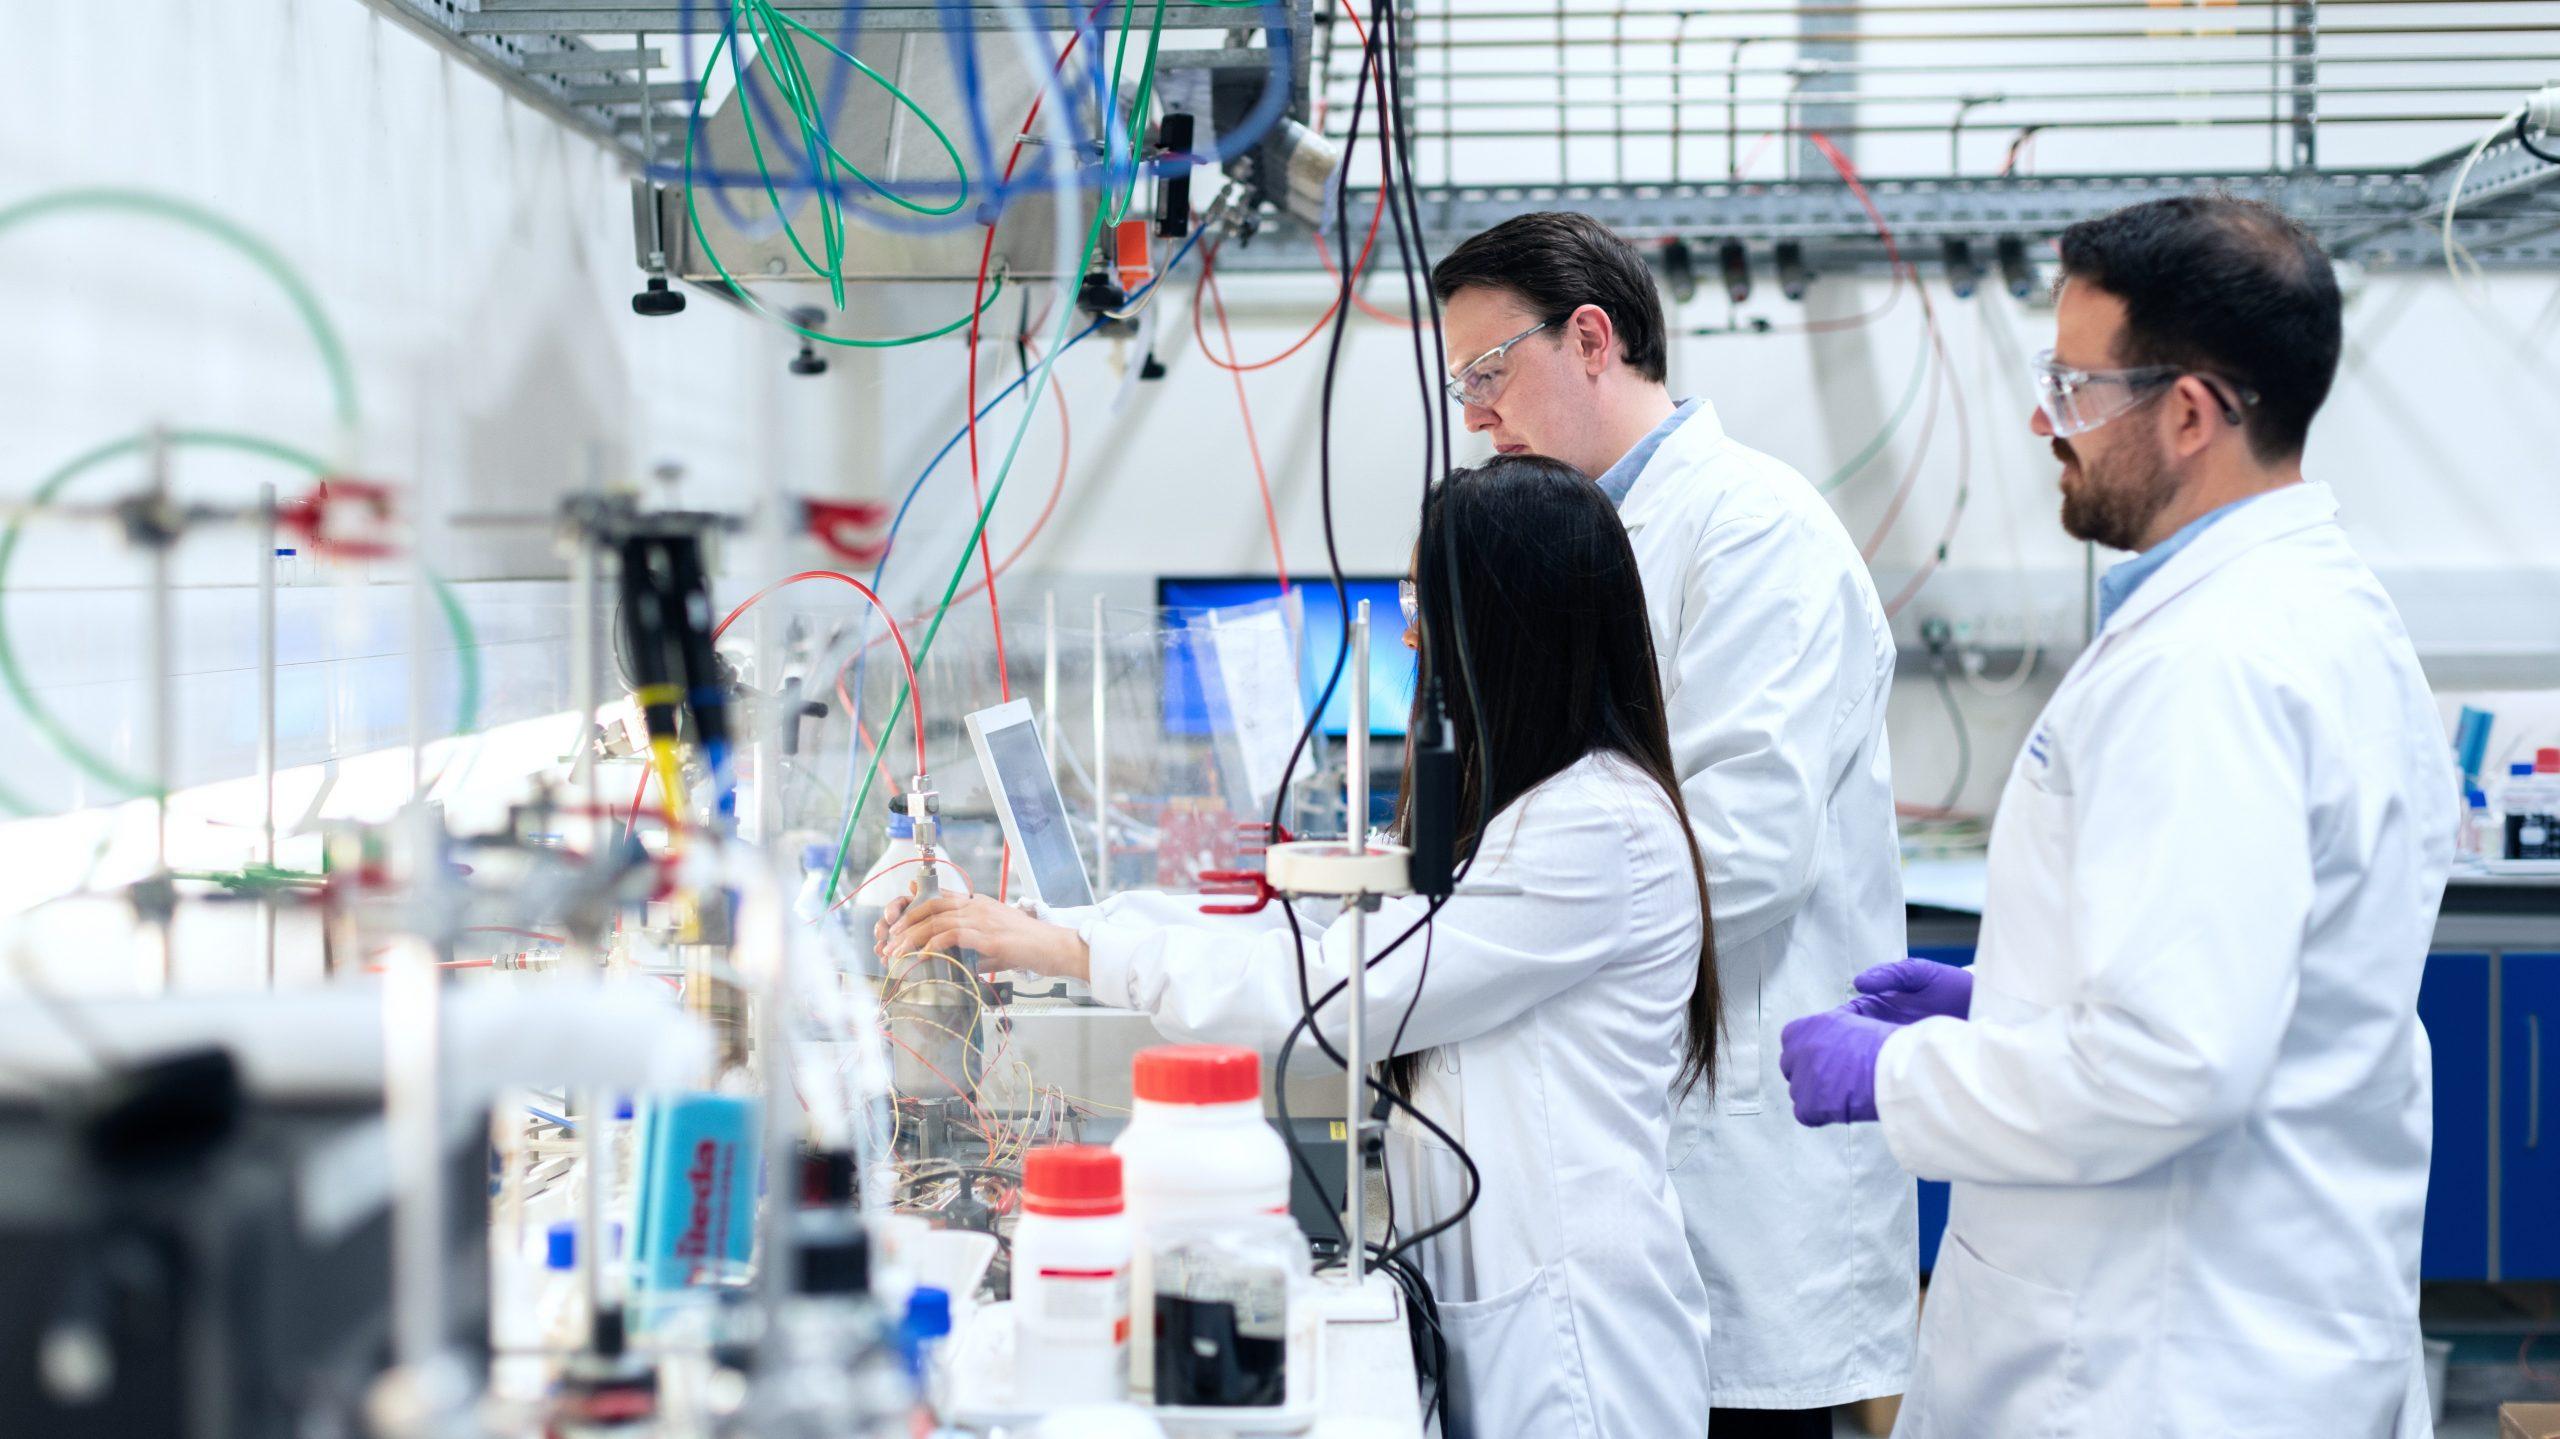 startups et chercheurs travaillant ensemble dans un laboratoire